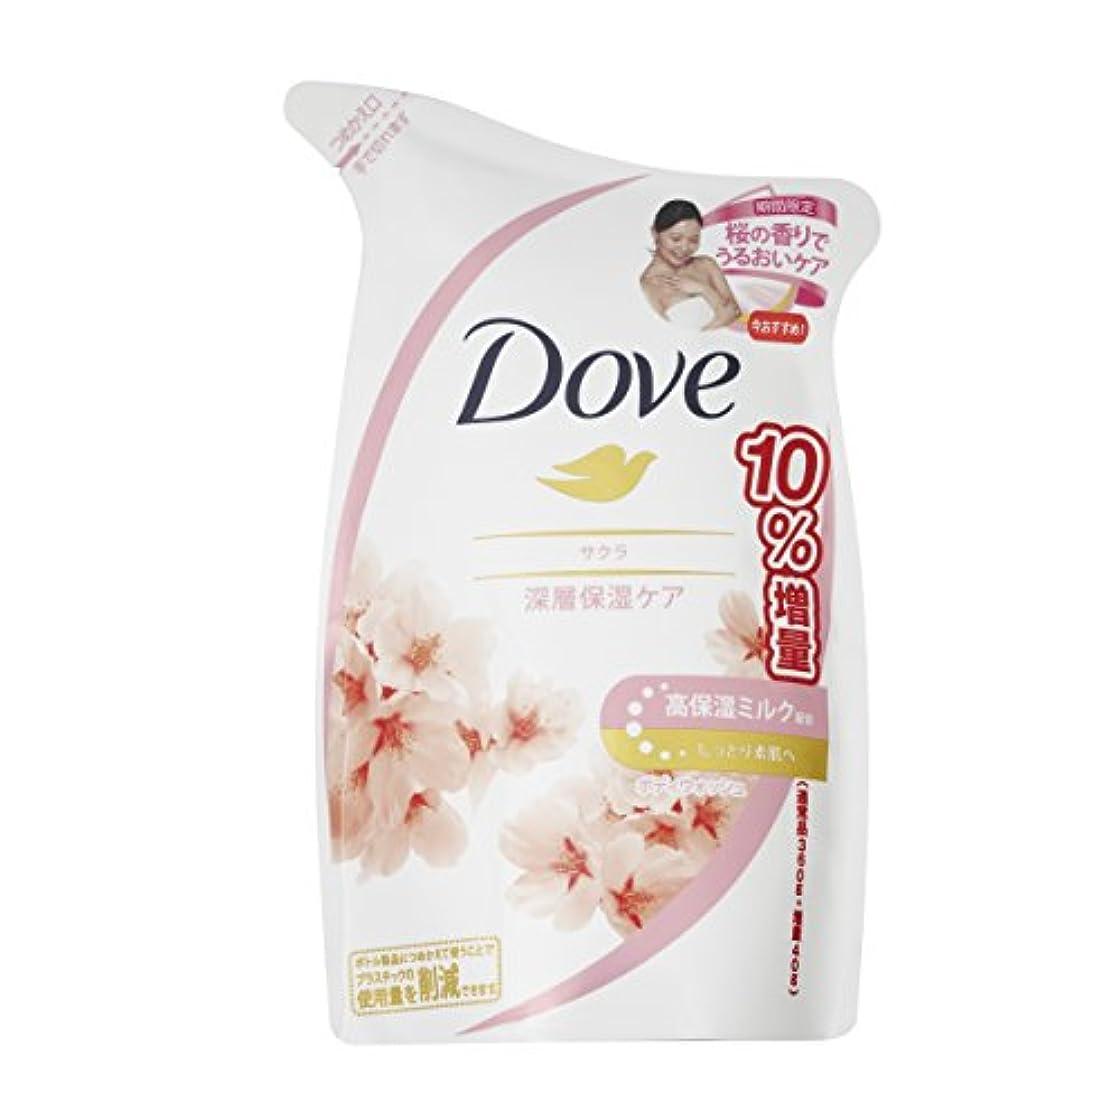 ローマ人ラメ心配Dove ダヴ ボディウォッシュ サクラ つめかえ用 増量品 400g